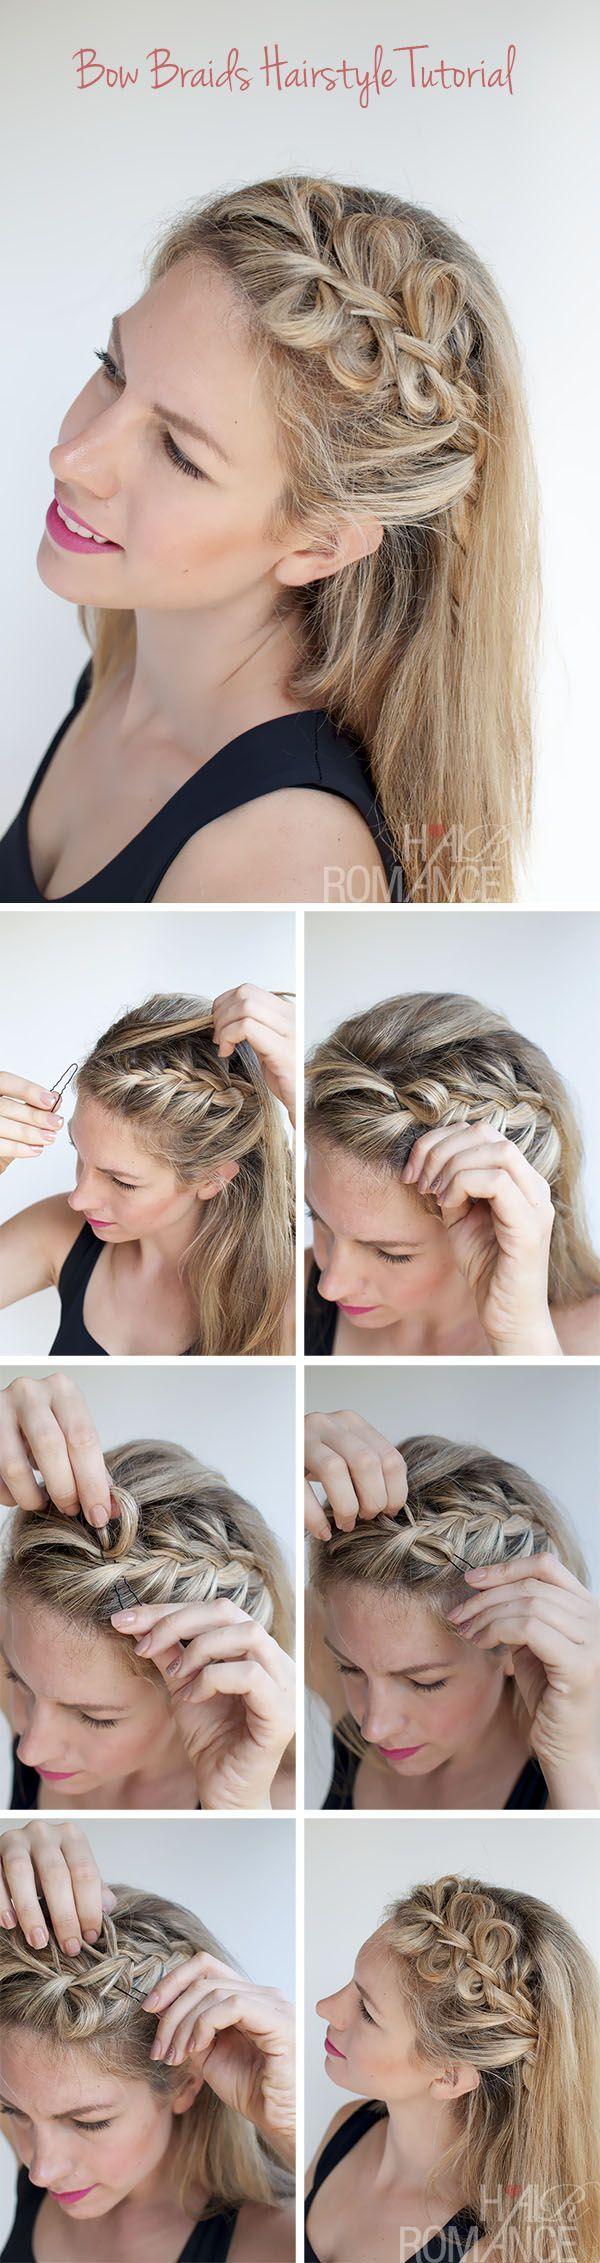 The bow braid